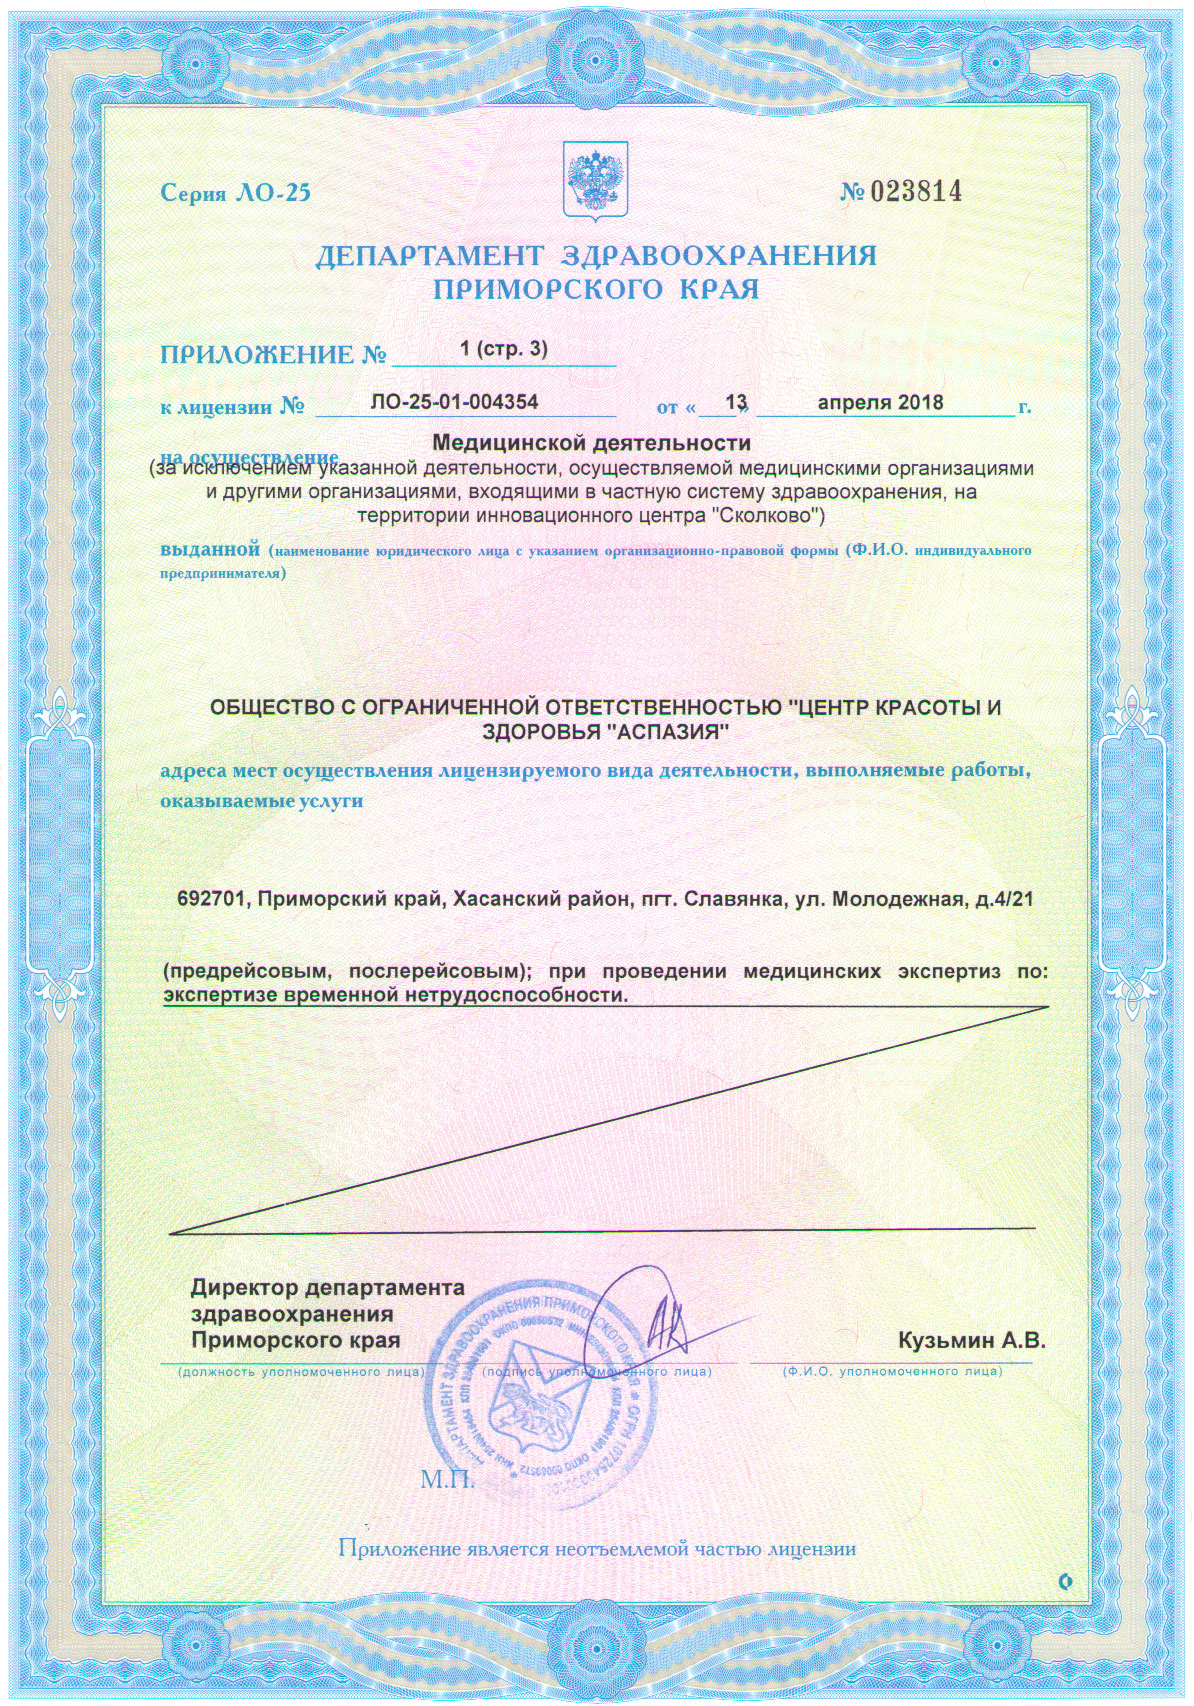 Лицензия приложение стр. 3